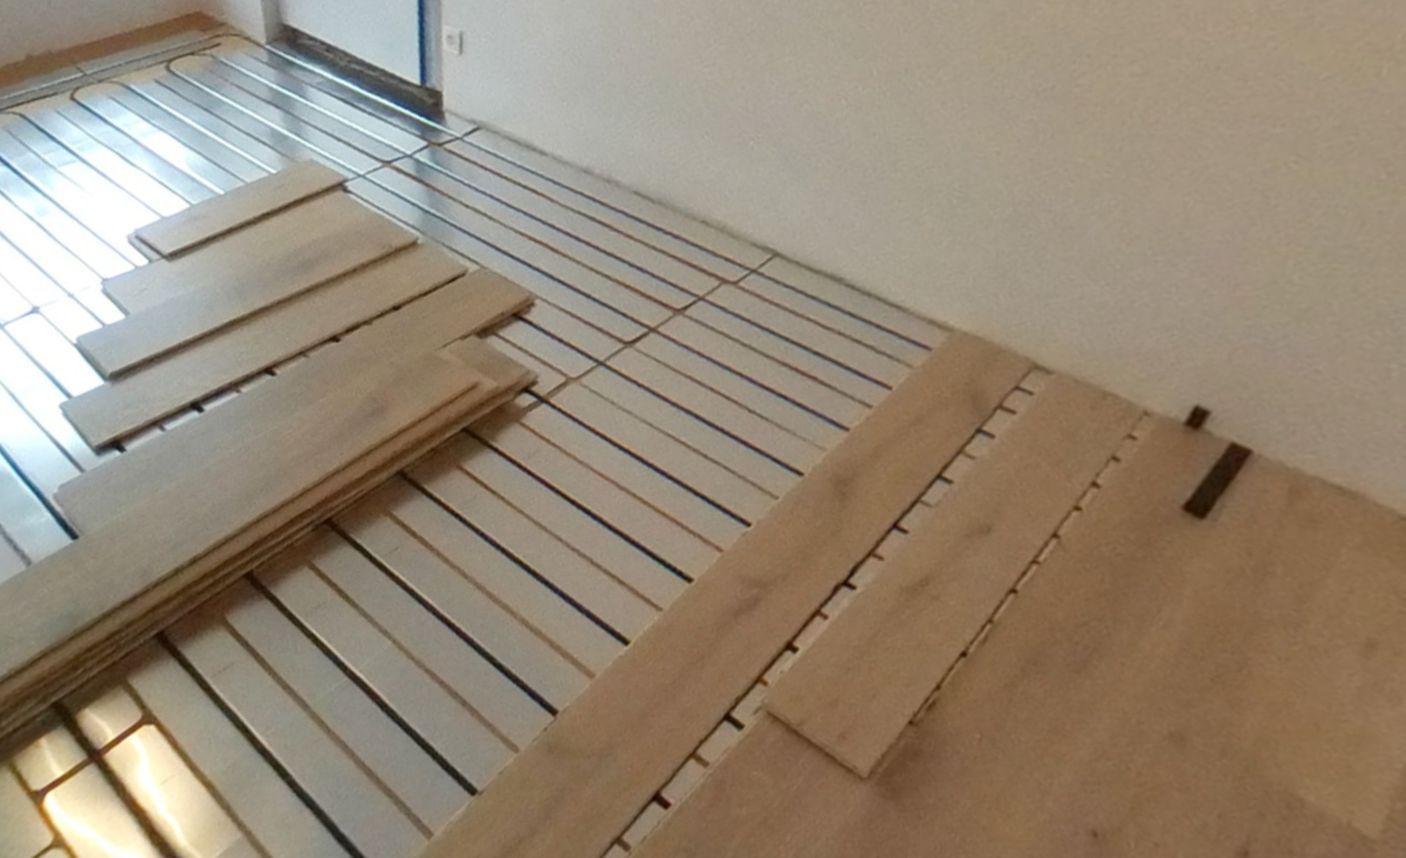 Pose directe de parquet sur plancher chauffant en rénovation